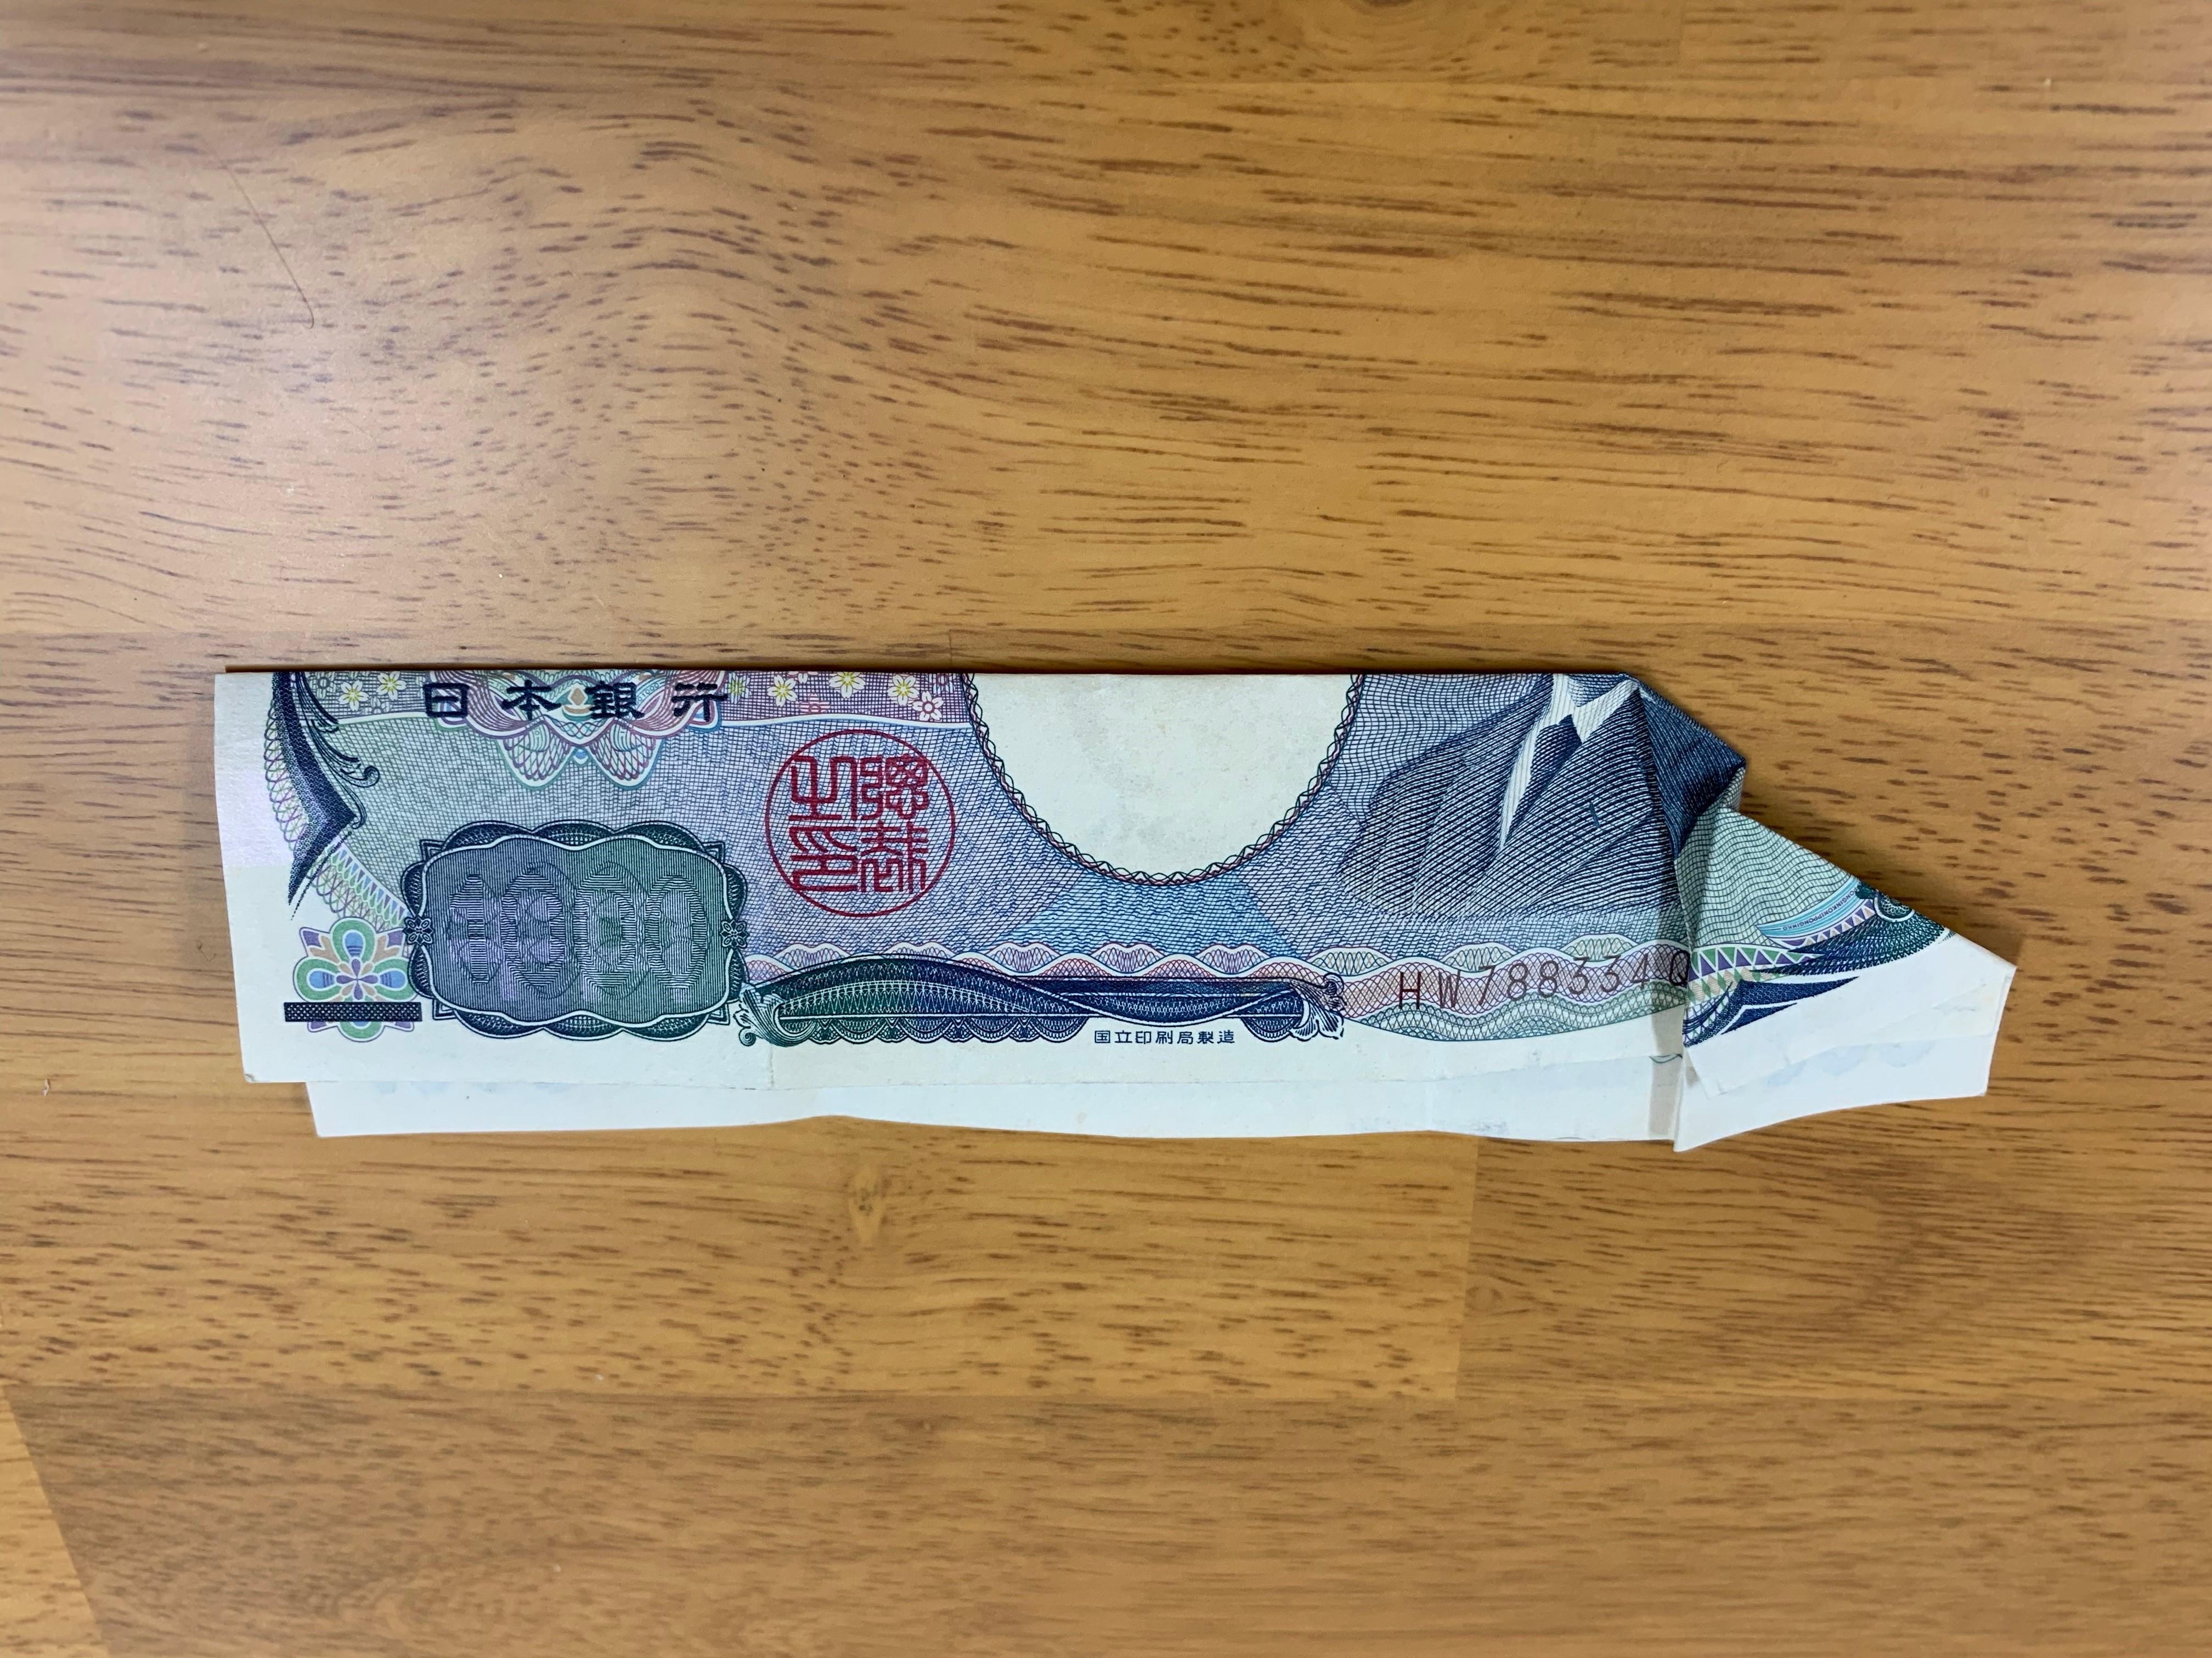 ターバン野口 お札 千円札のおもしろい折り方の画像5